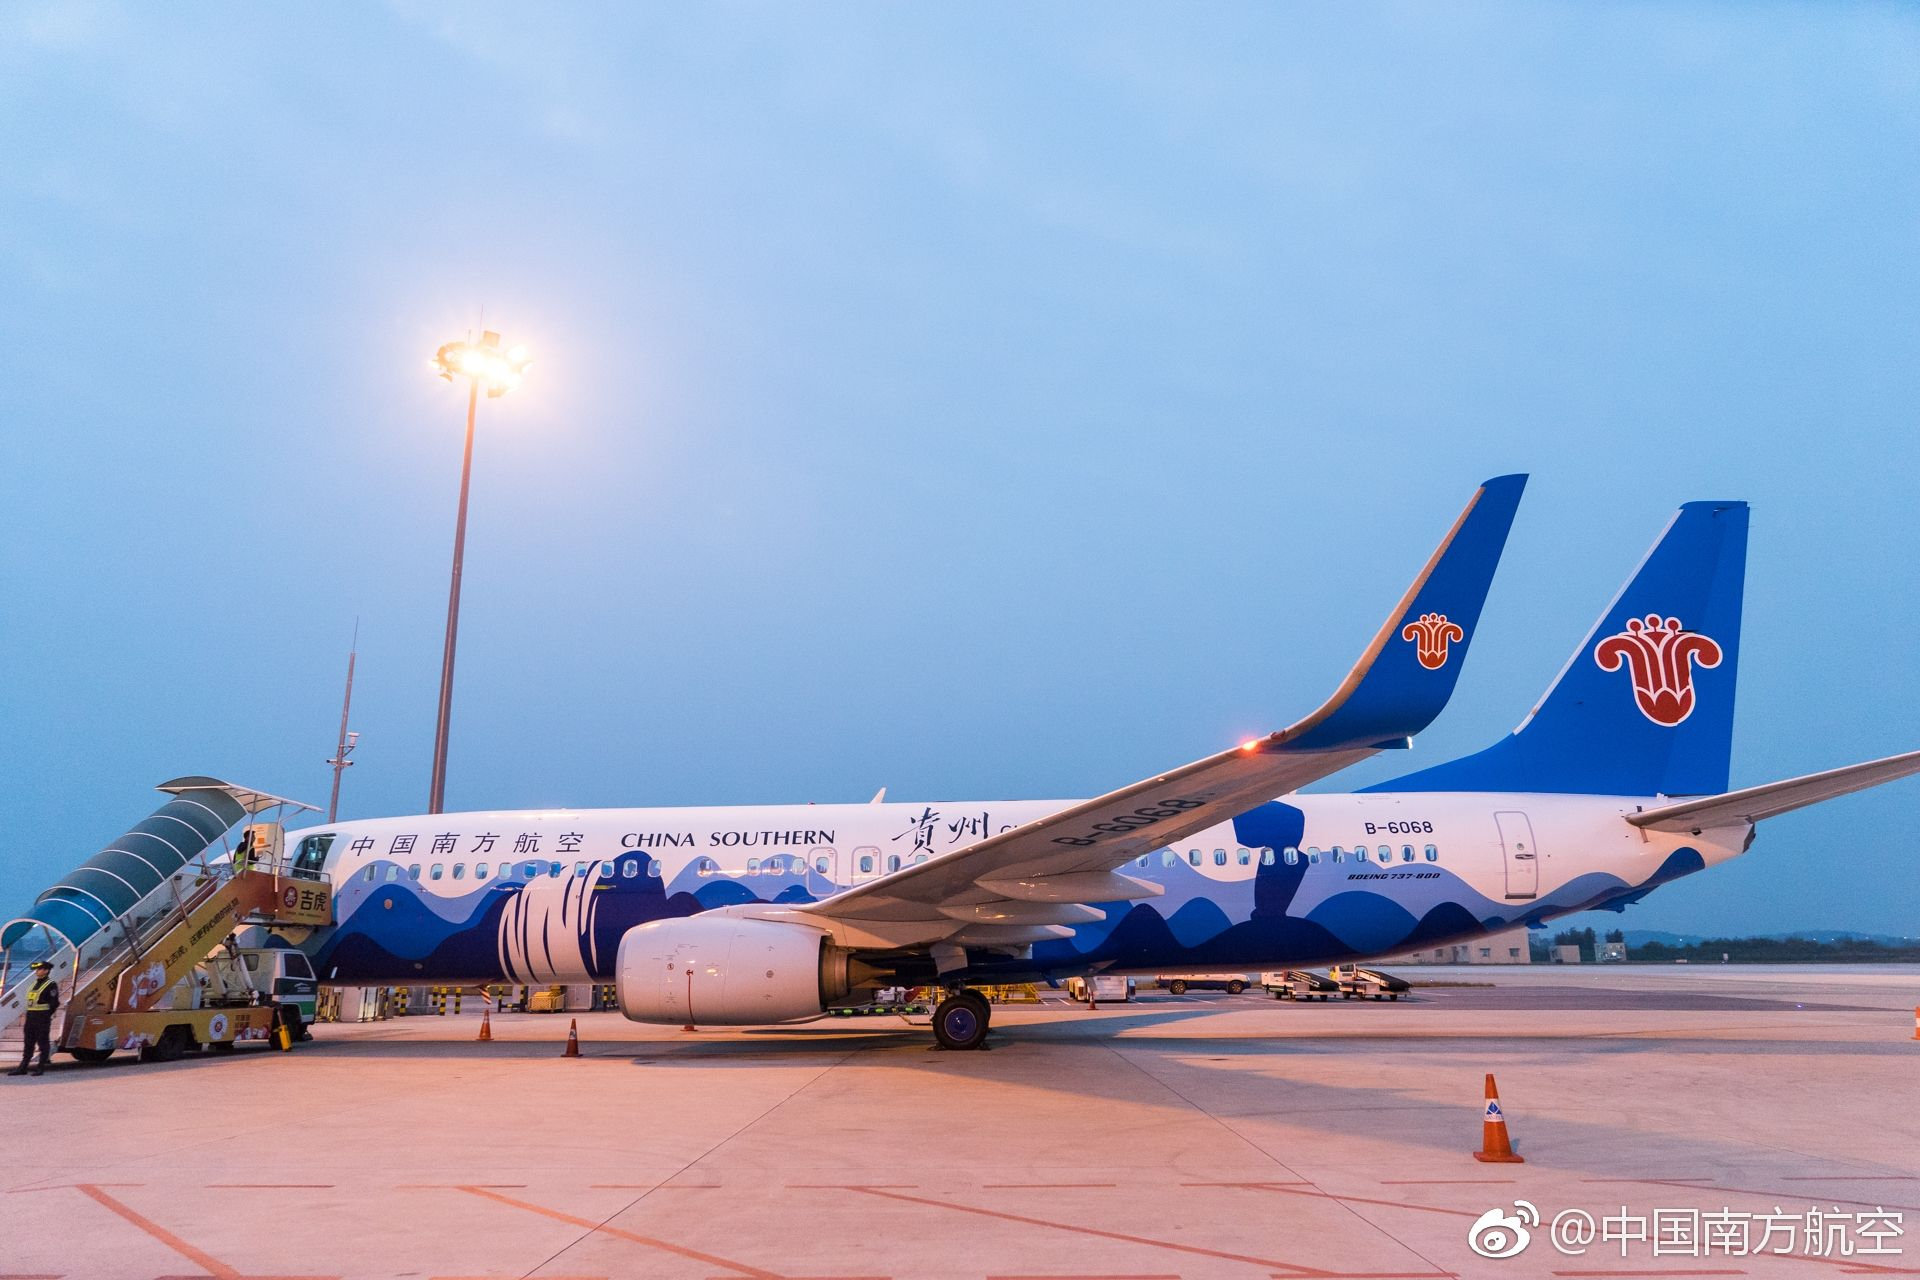 民航资源网2019年1月10日消息:1月9日下午,南航贵州号蜡染画彩绘飞机(注册号:B-6068)飞抵广州白云机场(600004,股吧)。这架描绘着黄果树瀑布、梵净山蘑菇岩等贵州景色的波音737-800客机投入运行后,将主要执行贵阳至北京、上海、广州等枢纽机场的航班。